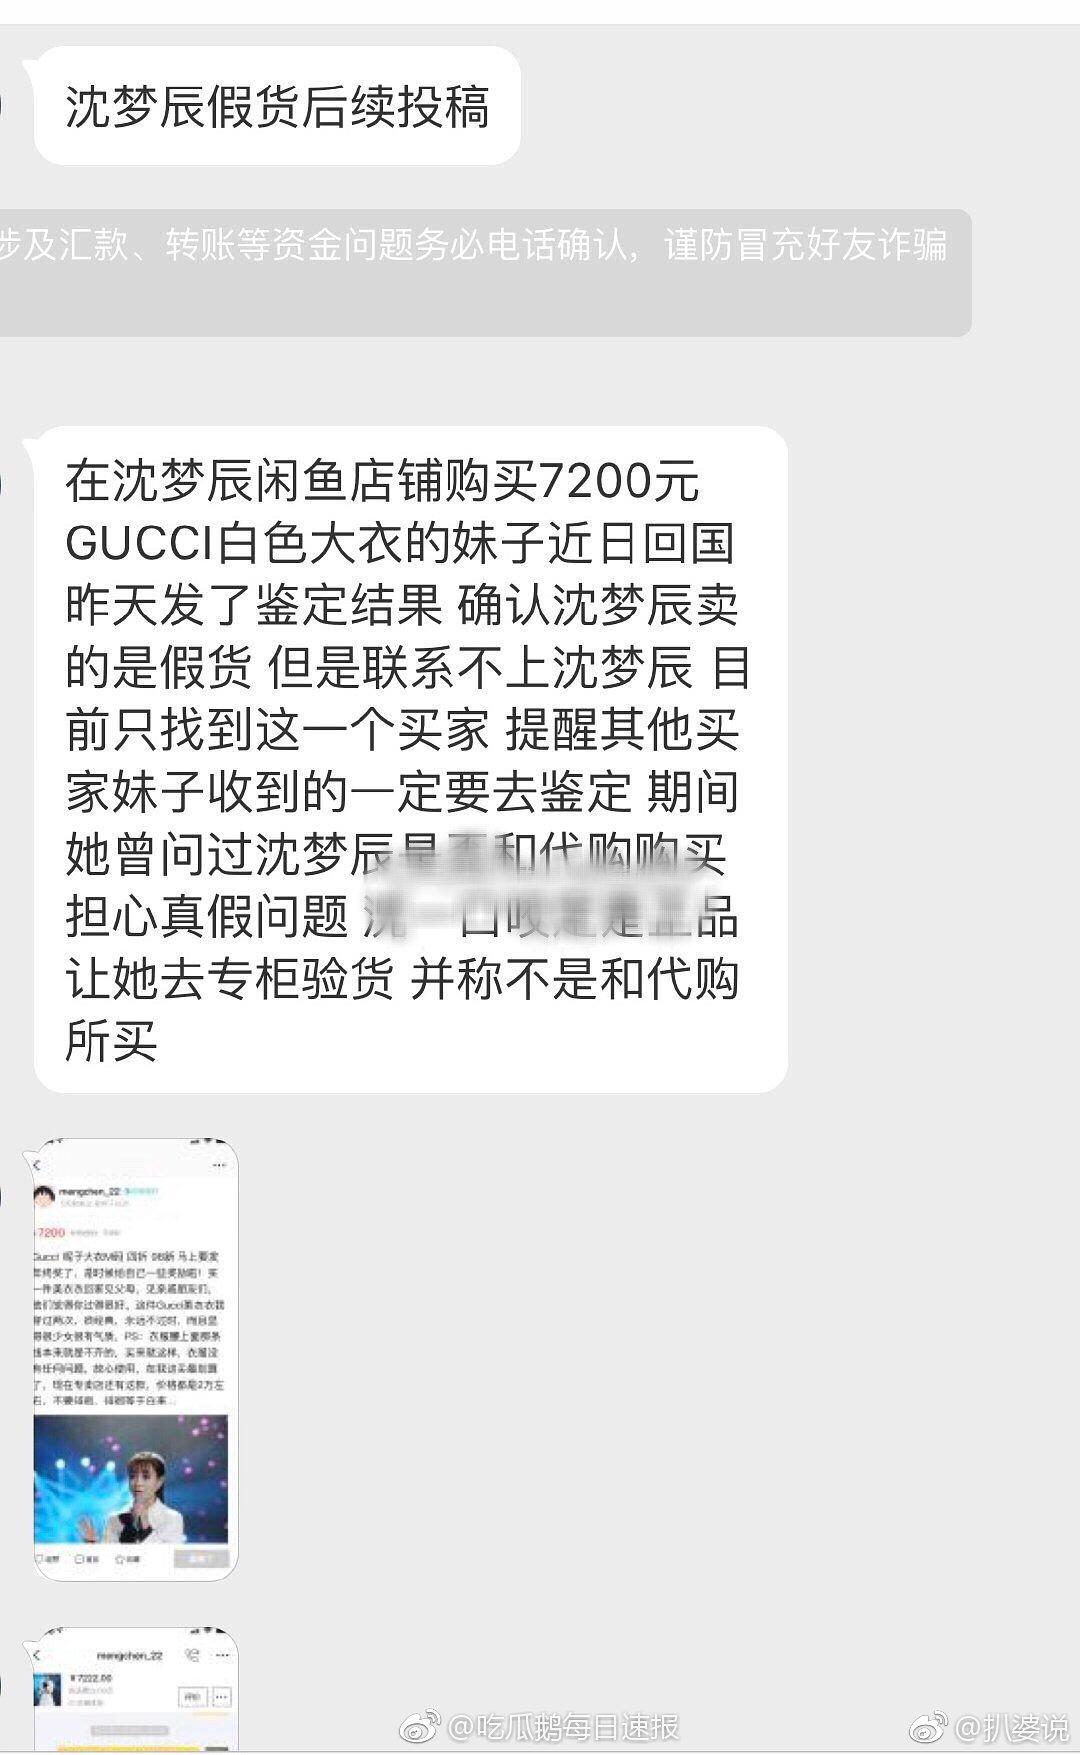 沈梦辰假货事件后续 网友爆料沈梦辰卖七千块假货